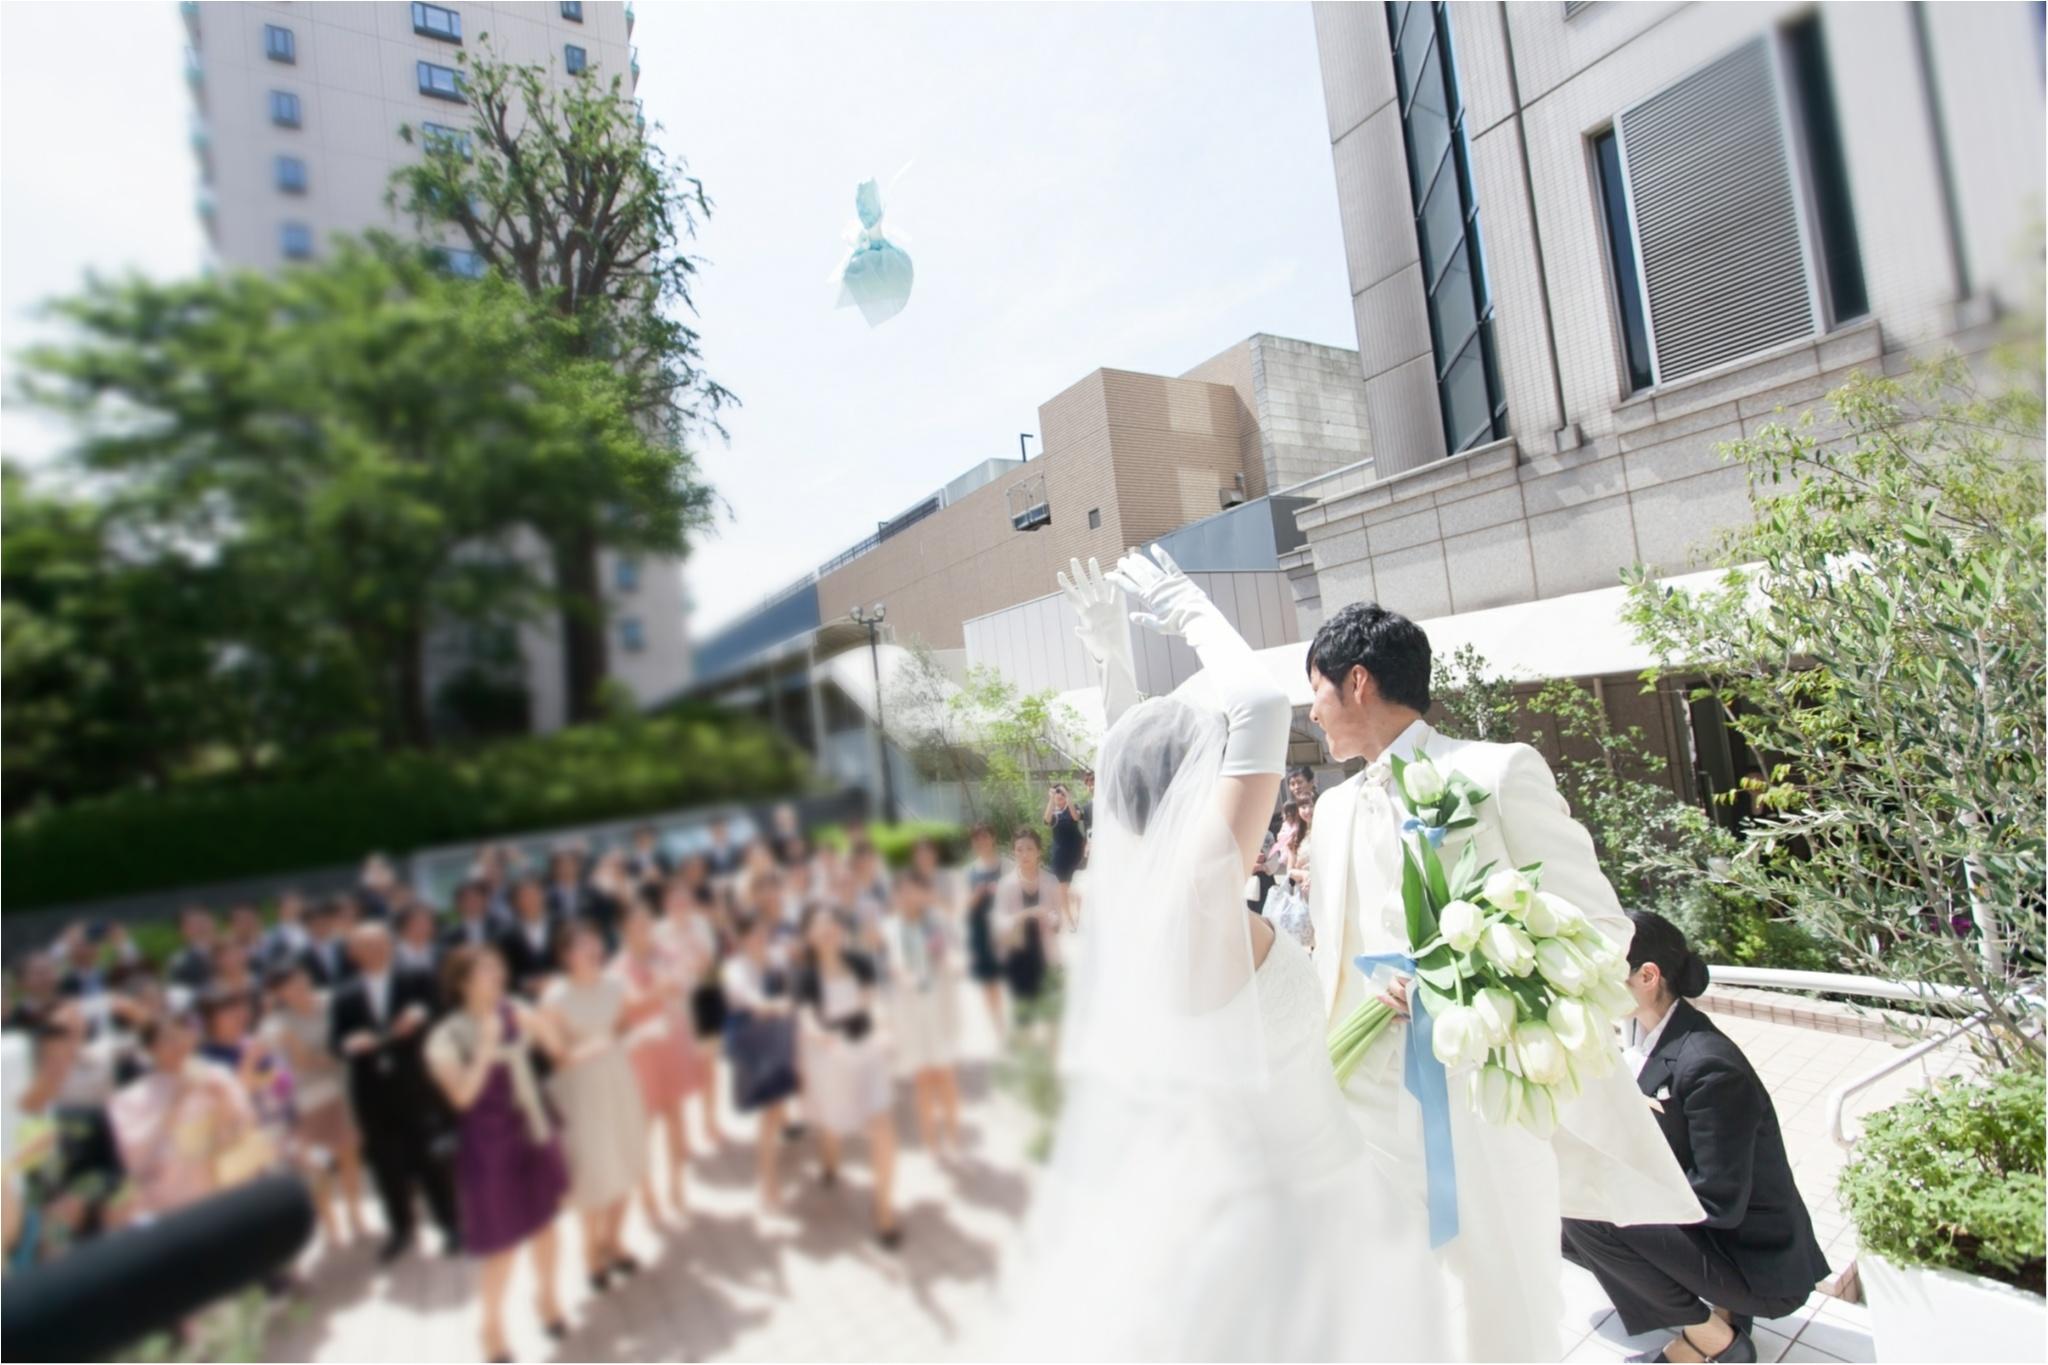 【2】都心のど真ん中で独立型チャペルでの挙式が叶う!#さち婚_19